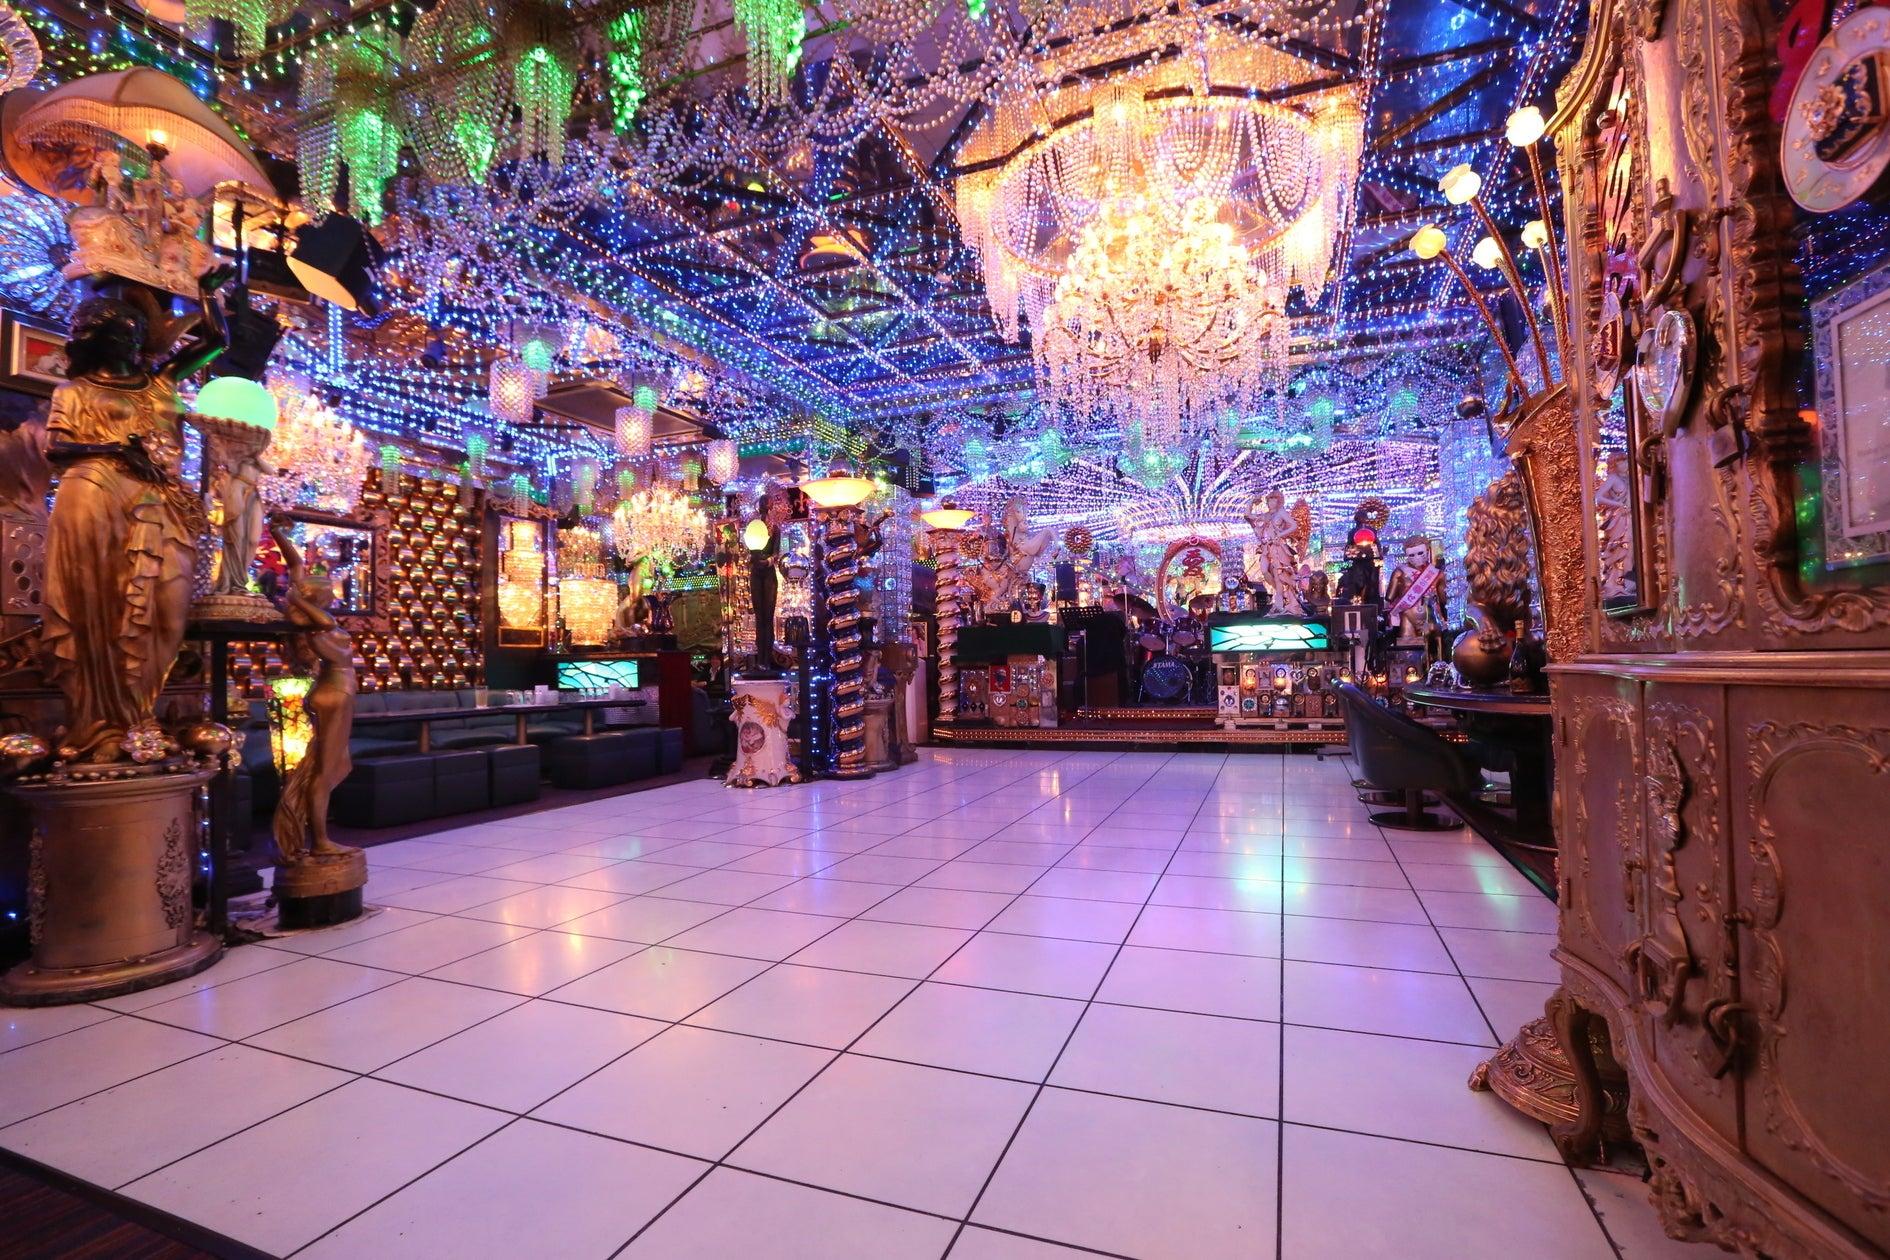 【新宿・歌舞伎町】200坪の老舗ホストクラブ、全方位インスタ映えする空間、ダンスホール有り 撮影/クラブイベントでも使用実績有り(【新宿・歌舞伎町】もっとも有名なホストクラブ、高級感のある豪華な空間/JR新宿駅徒歩8分) の写真0